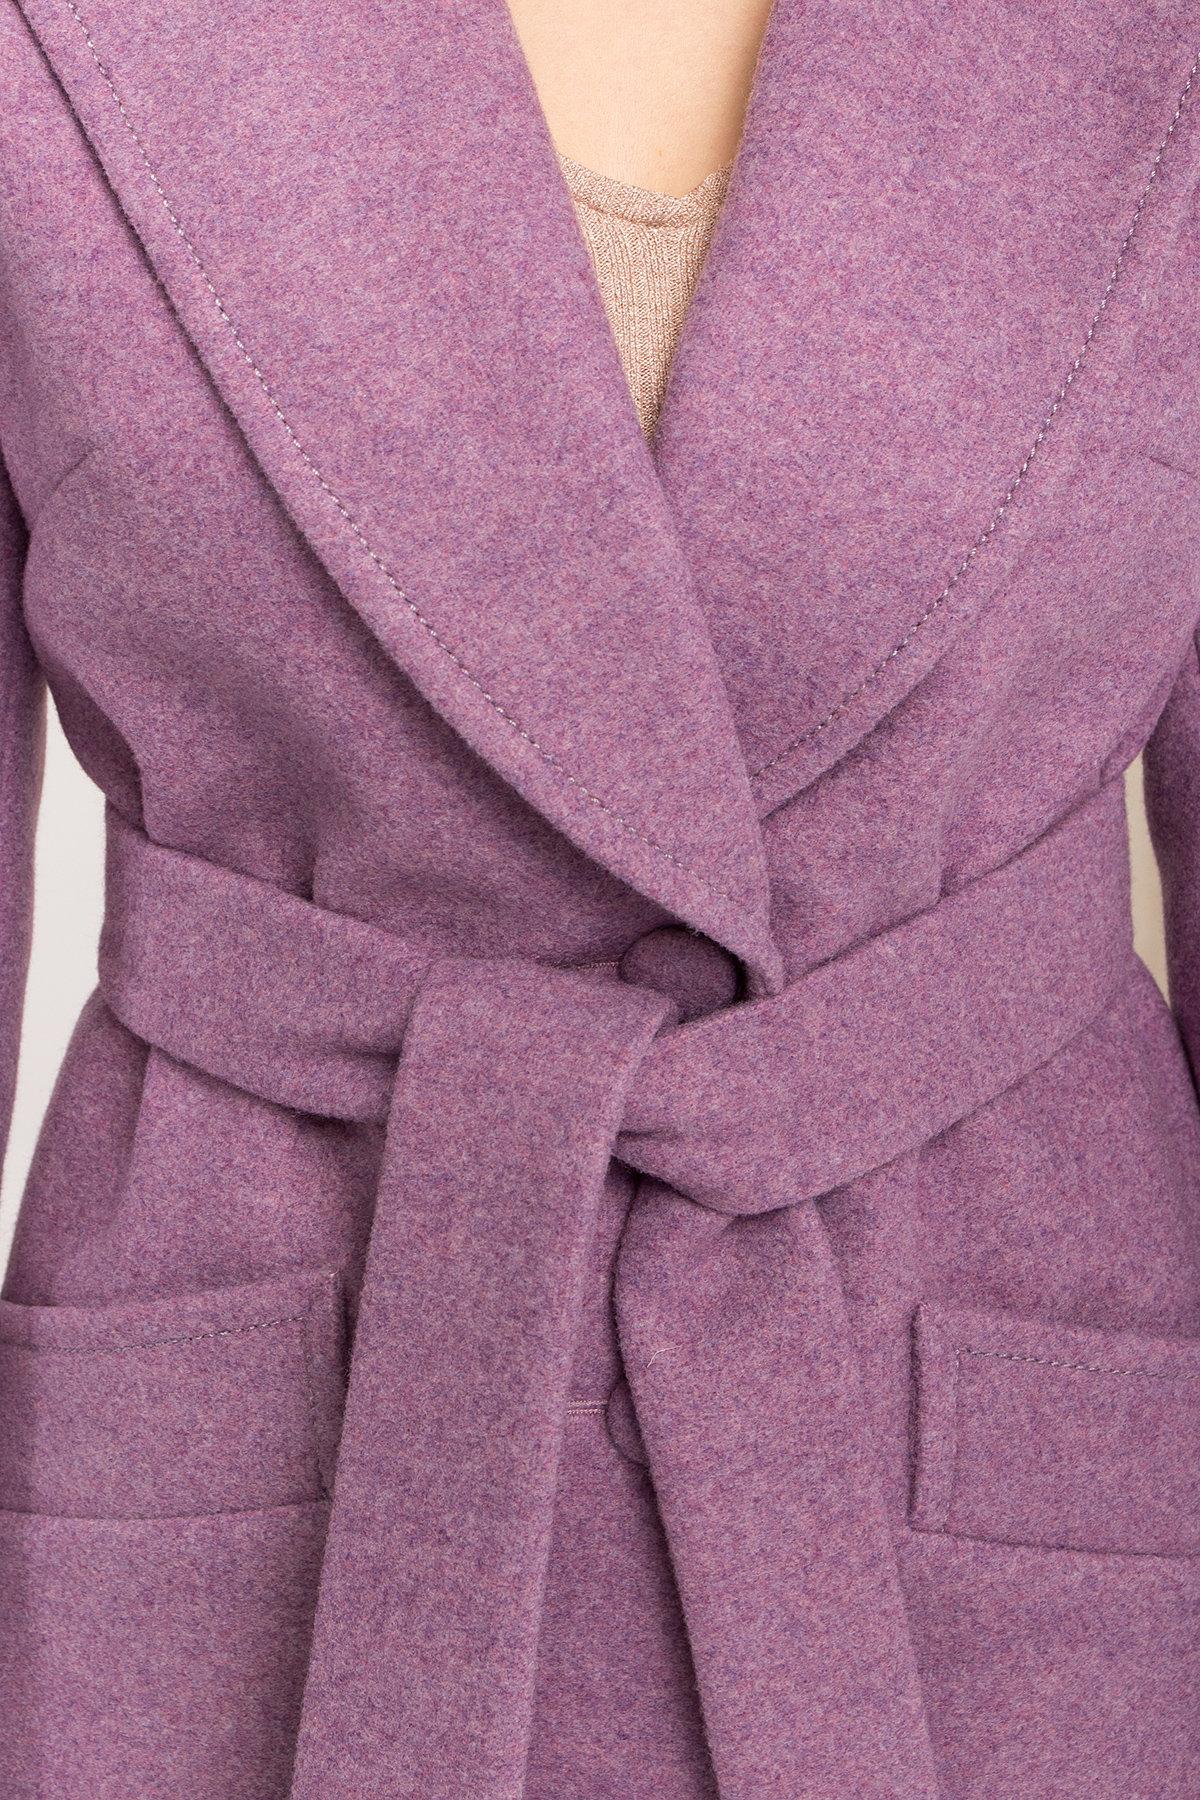 Пальто Вейсона 8801 АРТ. 45352 Цвет: Сирень 42 - фото 5, интернет магазин tm-modus.ru